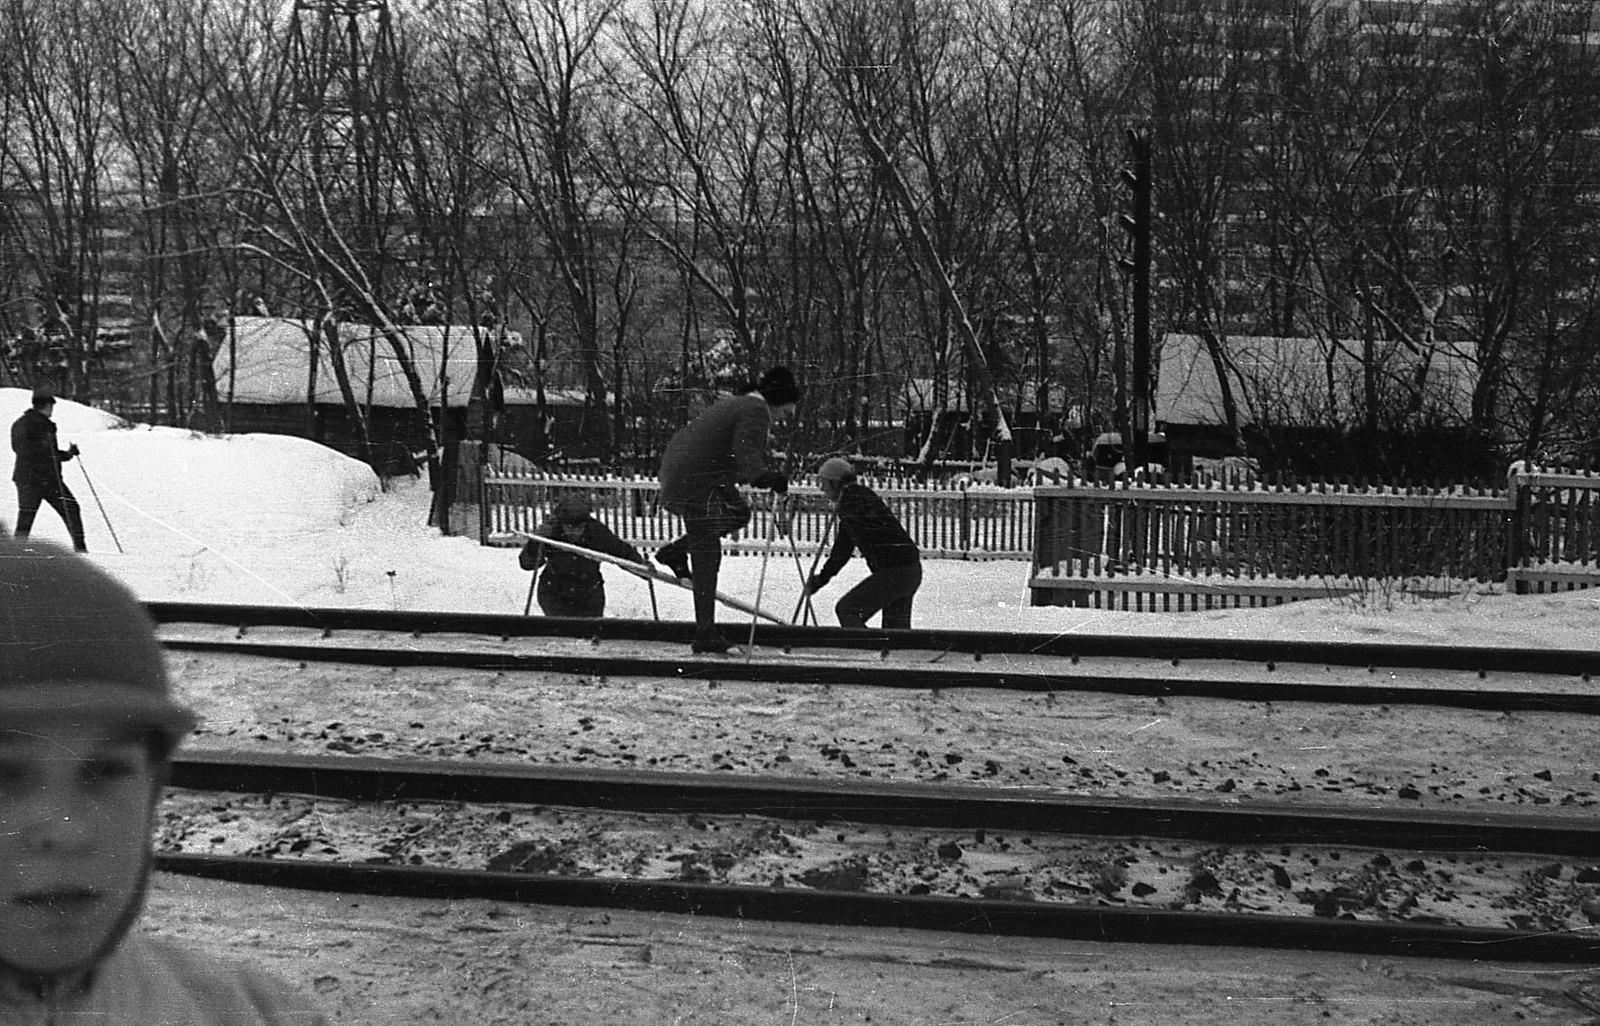 1973 Лыжники. Деревянные дома стоят на месте ГСК Вымпел, на дальнем фоне 16 эт. дом - Матвеевская ул. д.6 и 9 эт. дом - Матвеевская ул. д10к2 (Фликр, Кутенков)